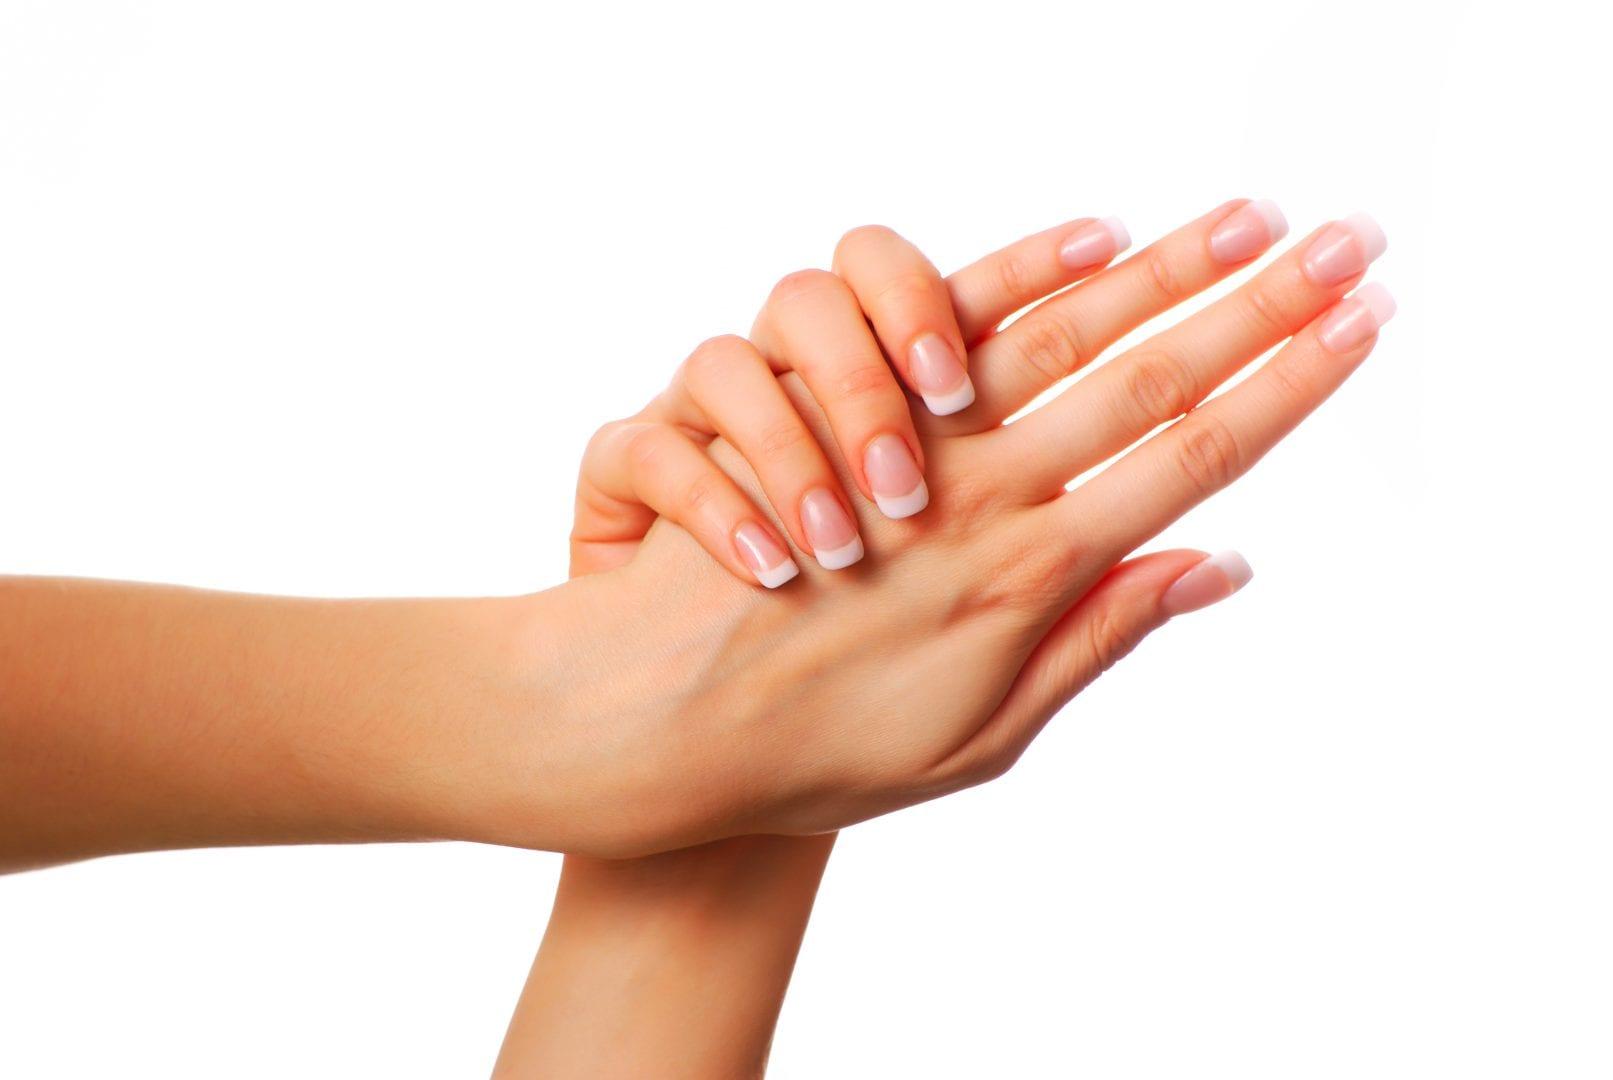 Cuidados com as mãos - Hidratação, cremes e dicas